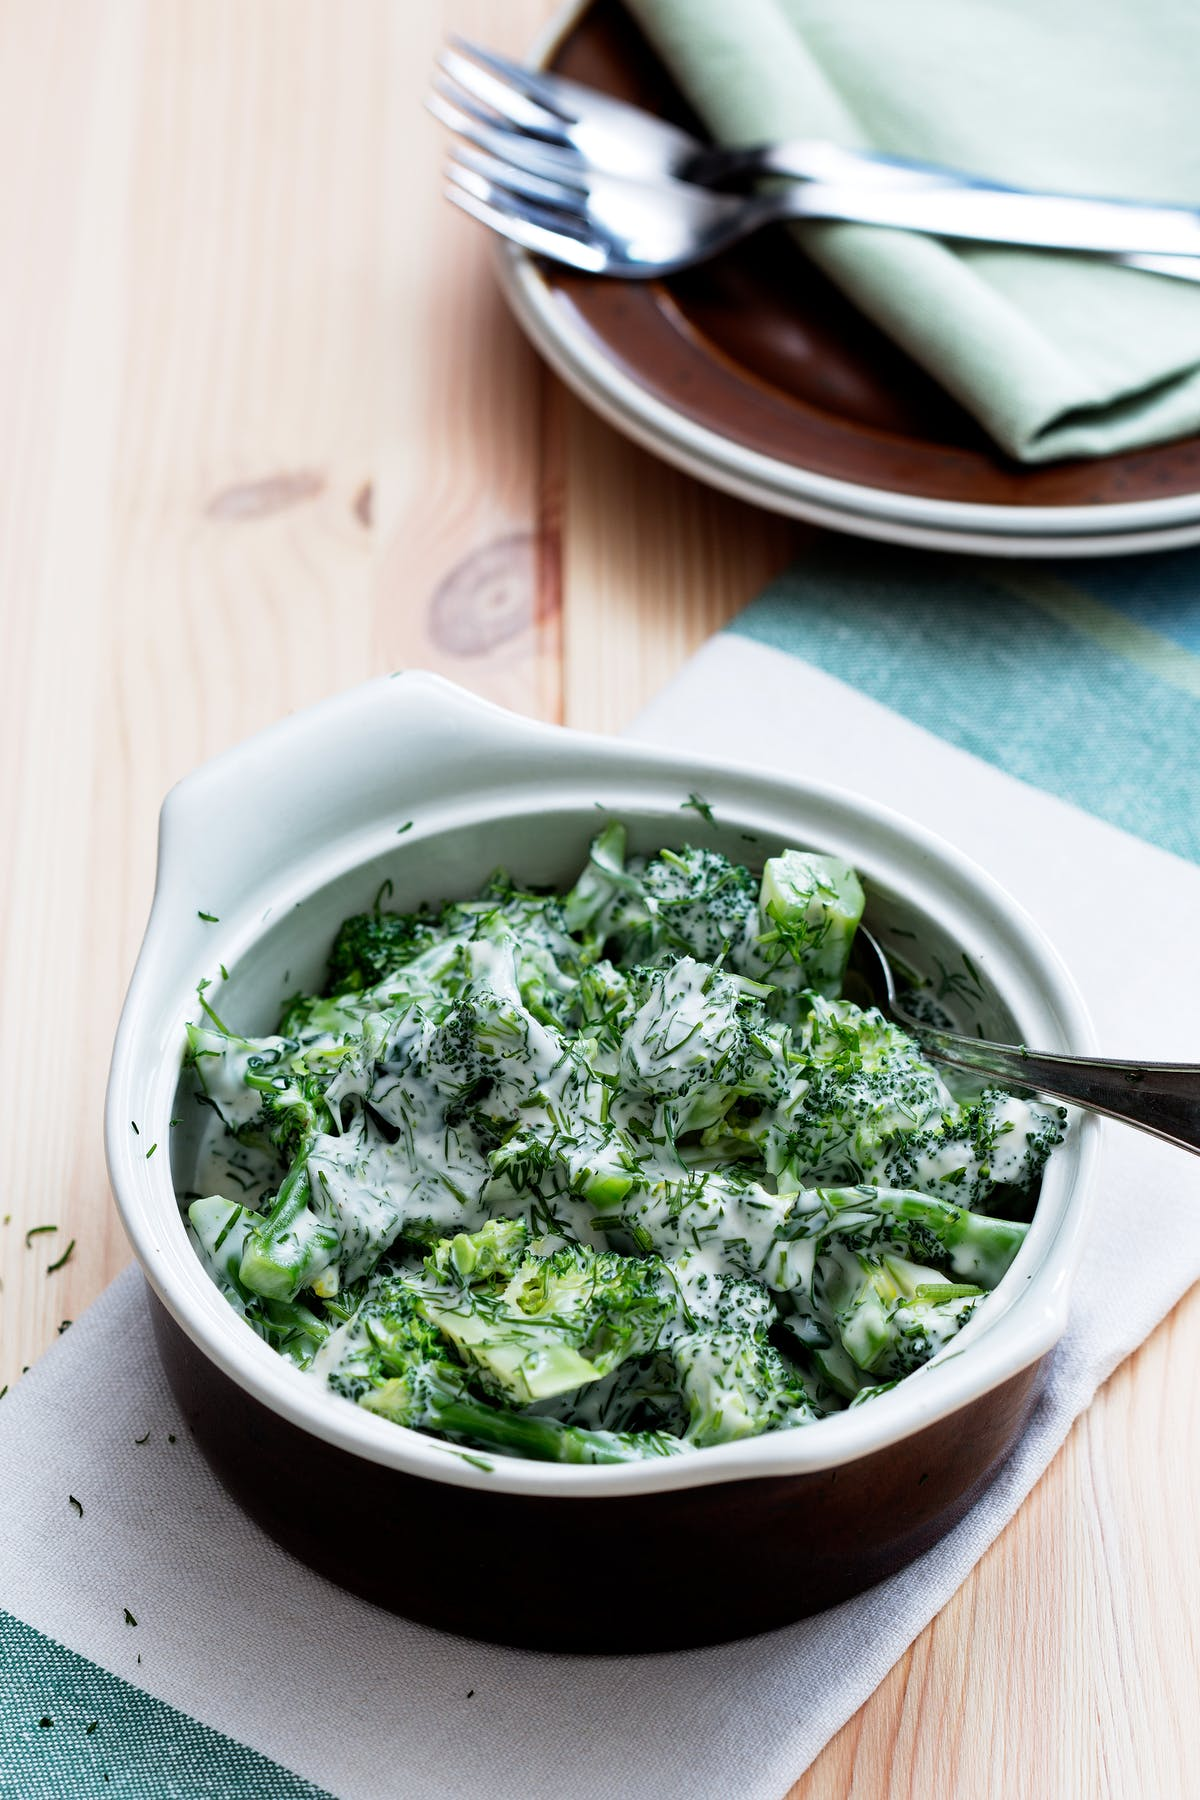 Ensalada de brócoli con eneldo fresco